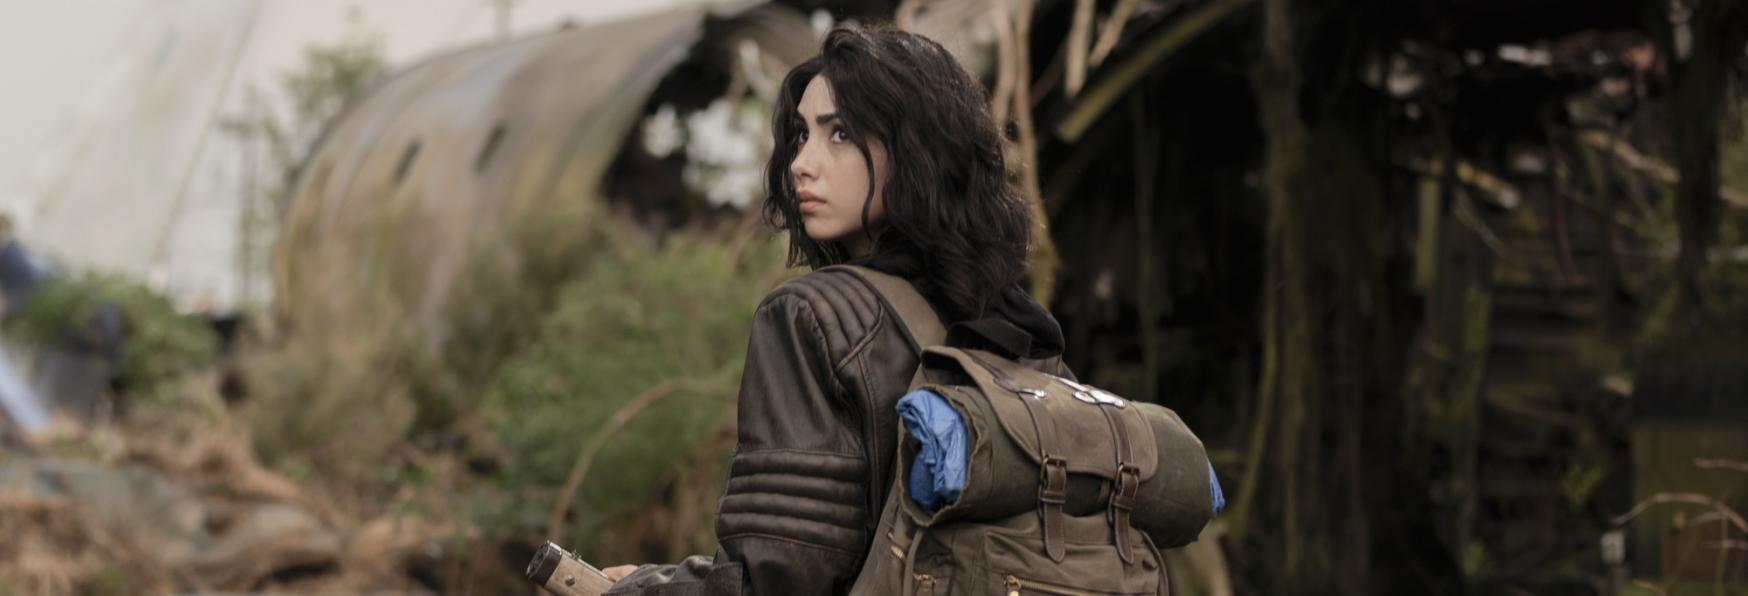 The Walking Dead: World Beyond 2 - Pubblicata la Sinossi della nuova Stagione